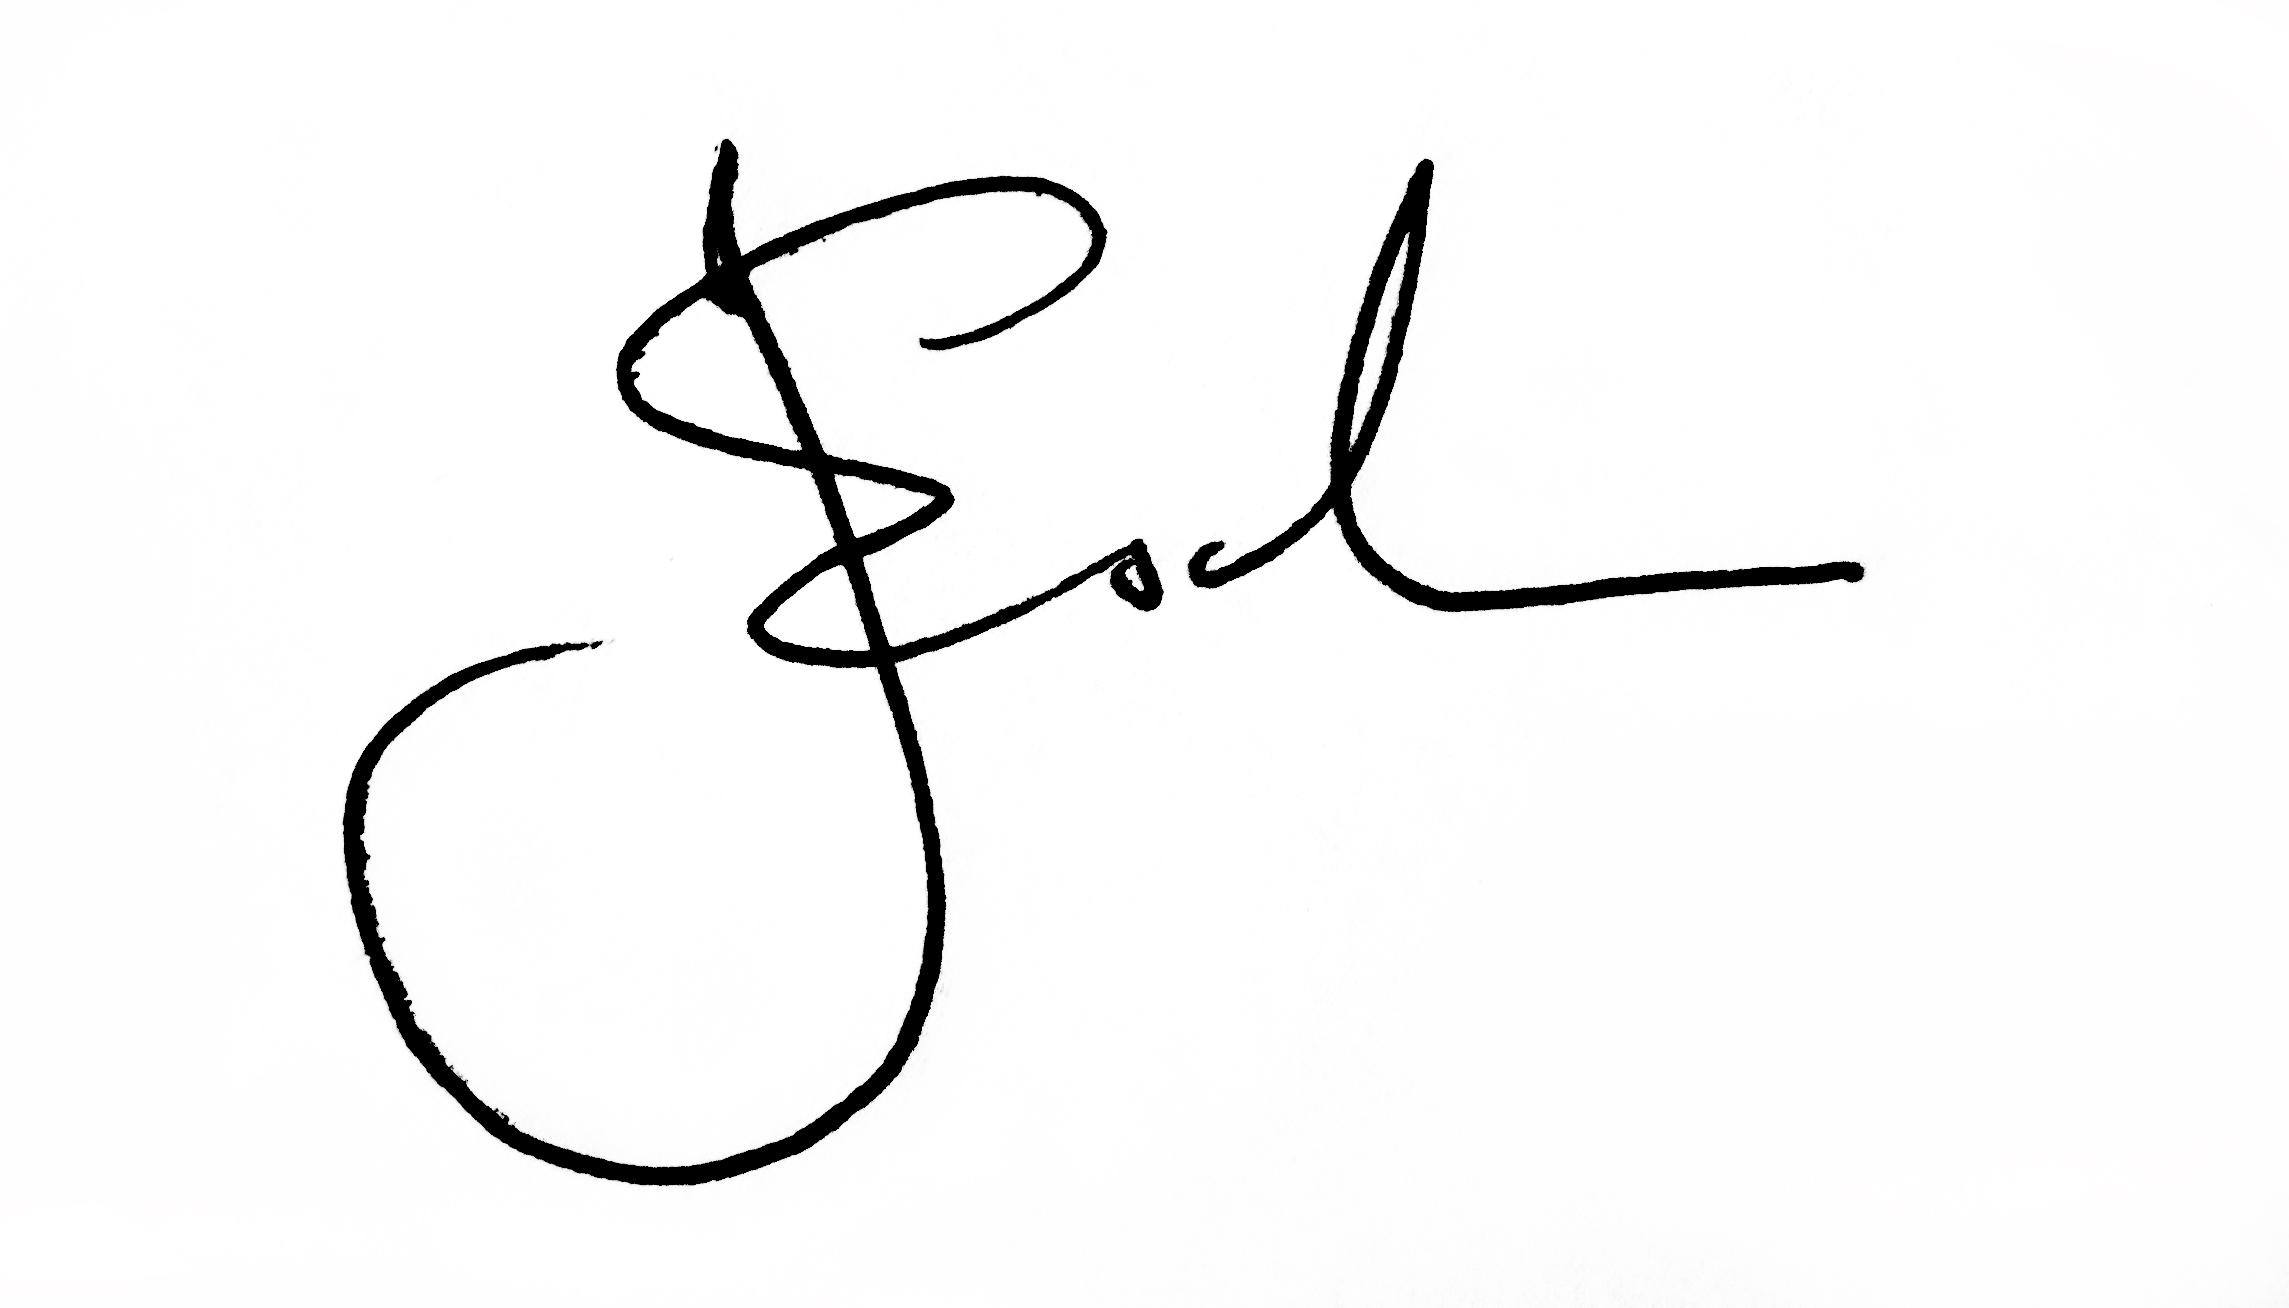 Jae Esch's Signature